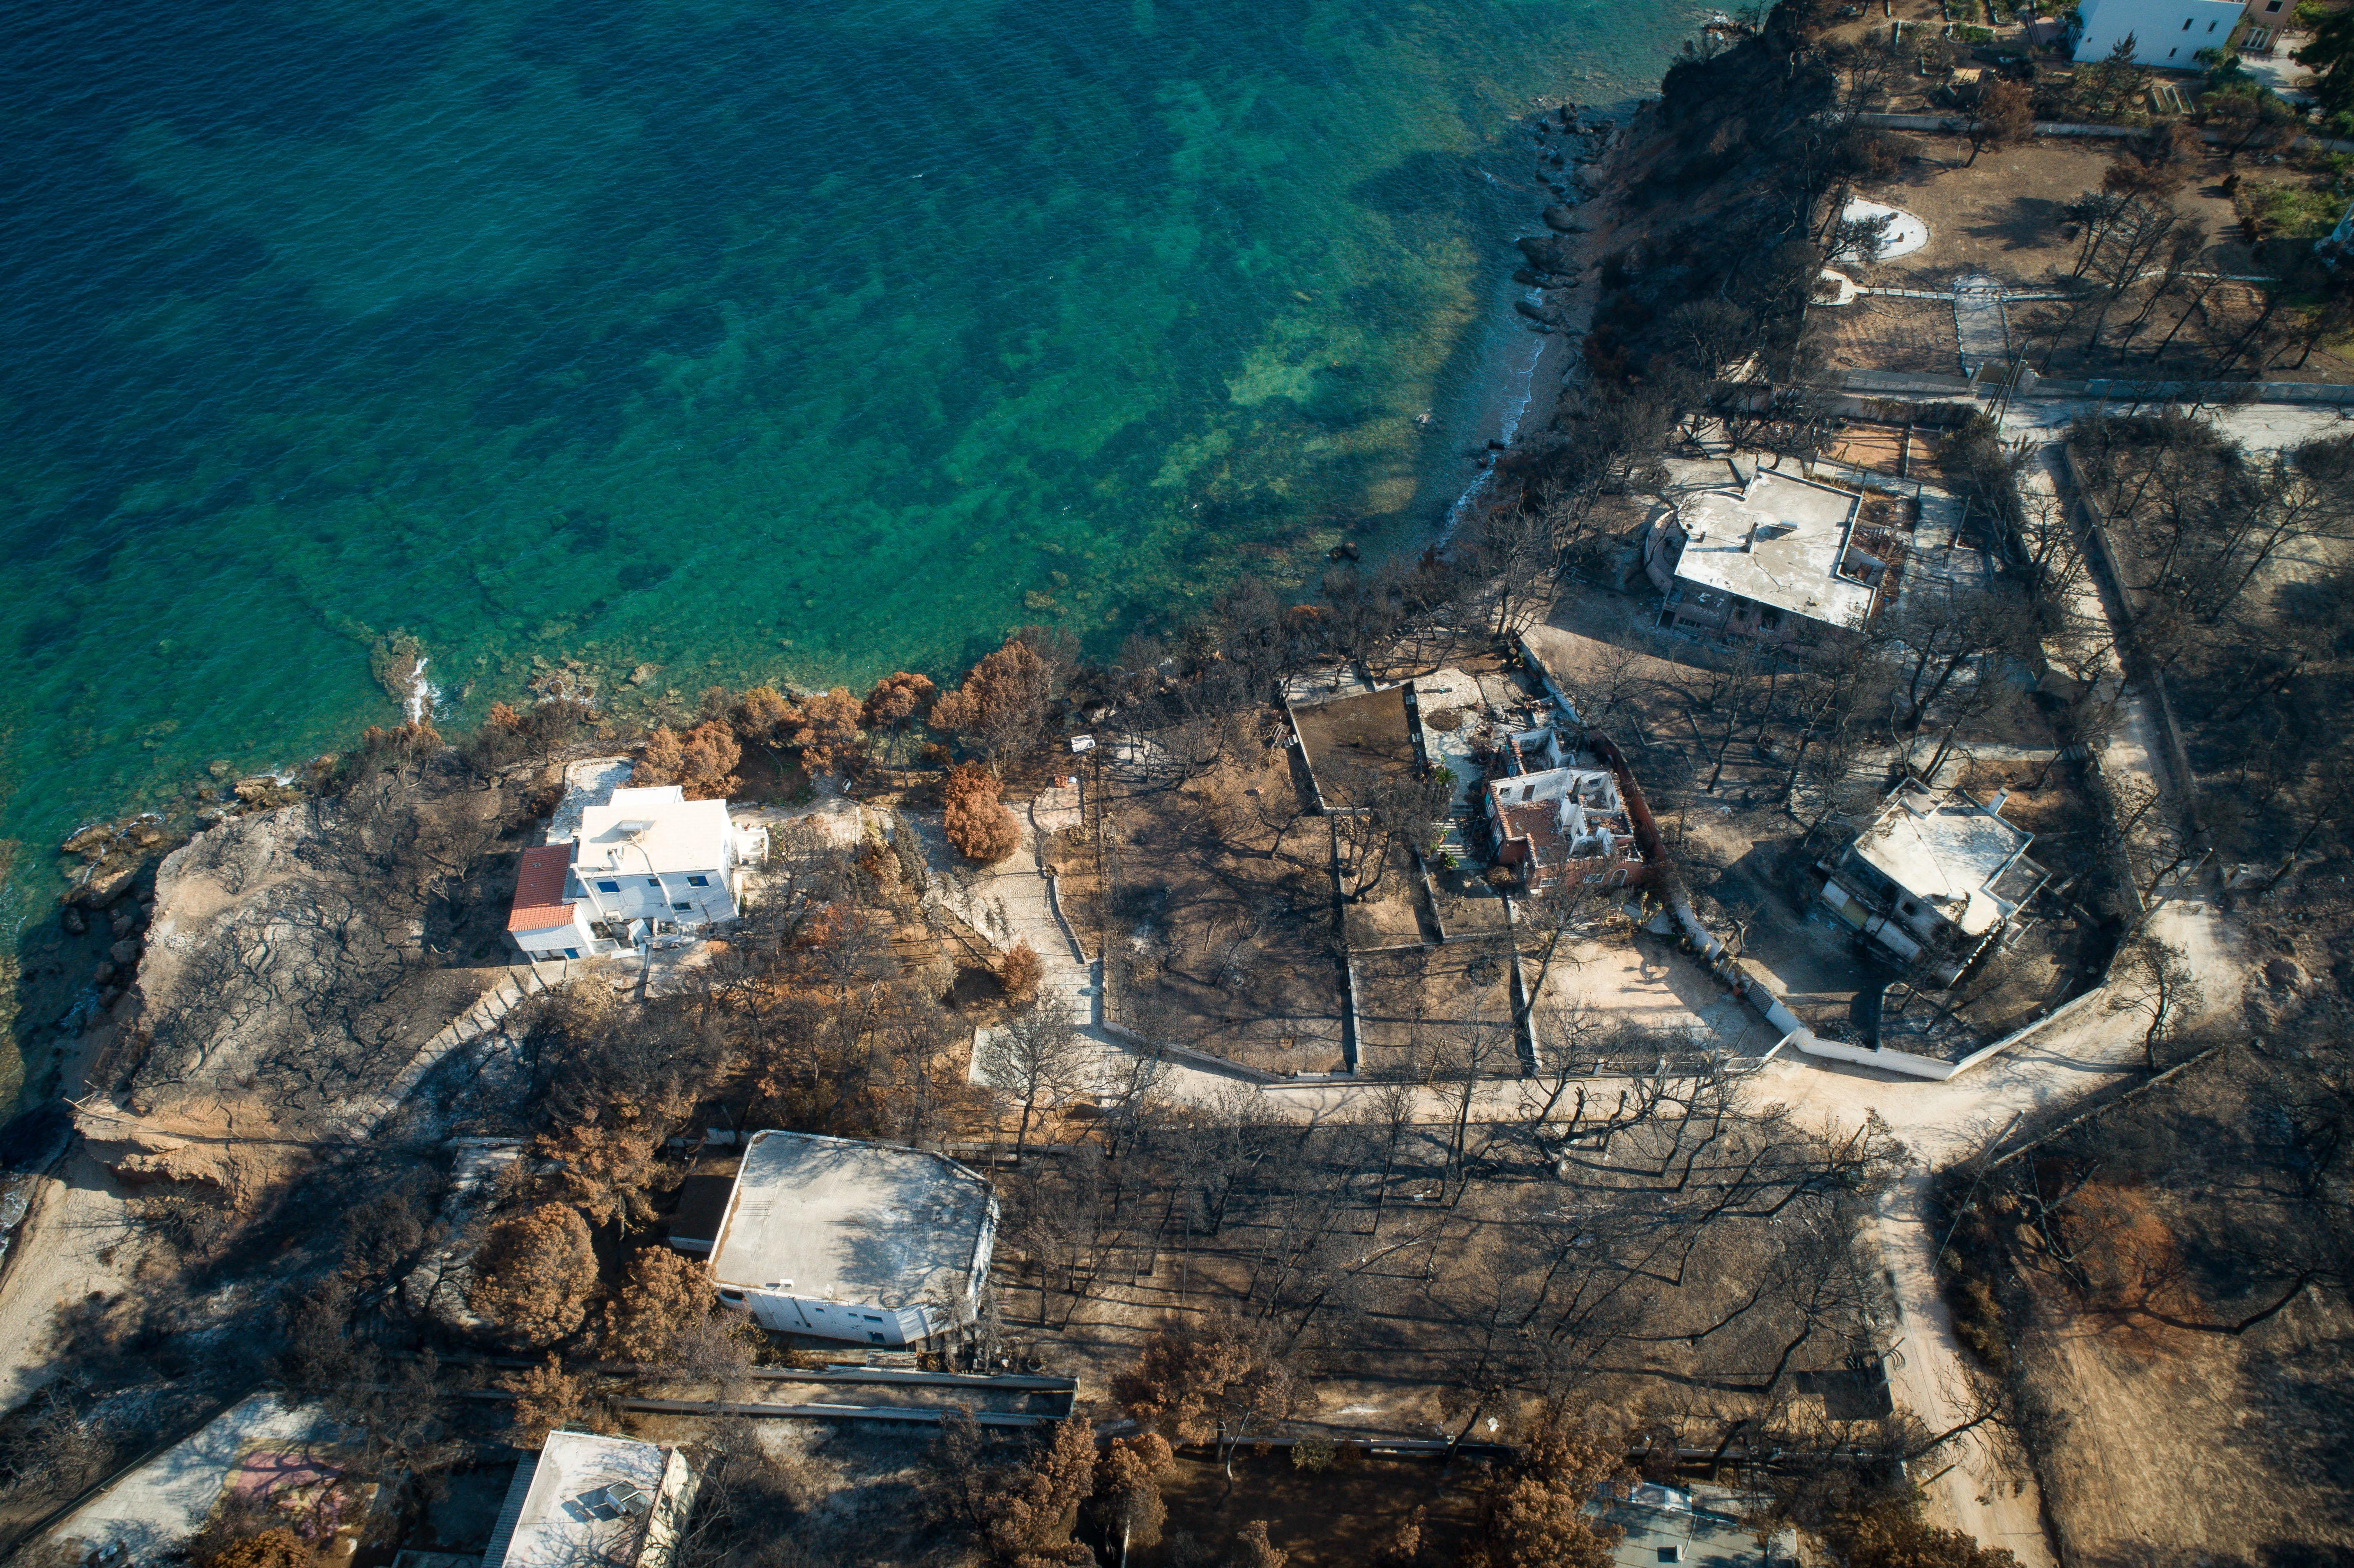 Αποκάλυψη: Τα στοιχεία που «καίνε» στο πόρισμα για τη φονική πυρκαγιά το